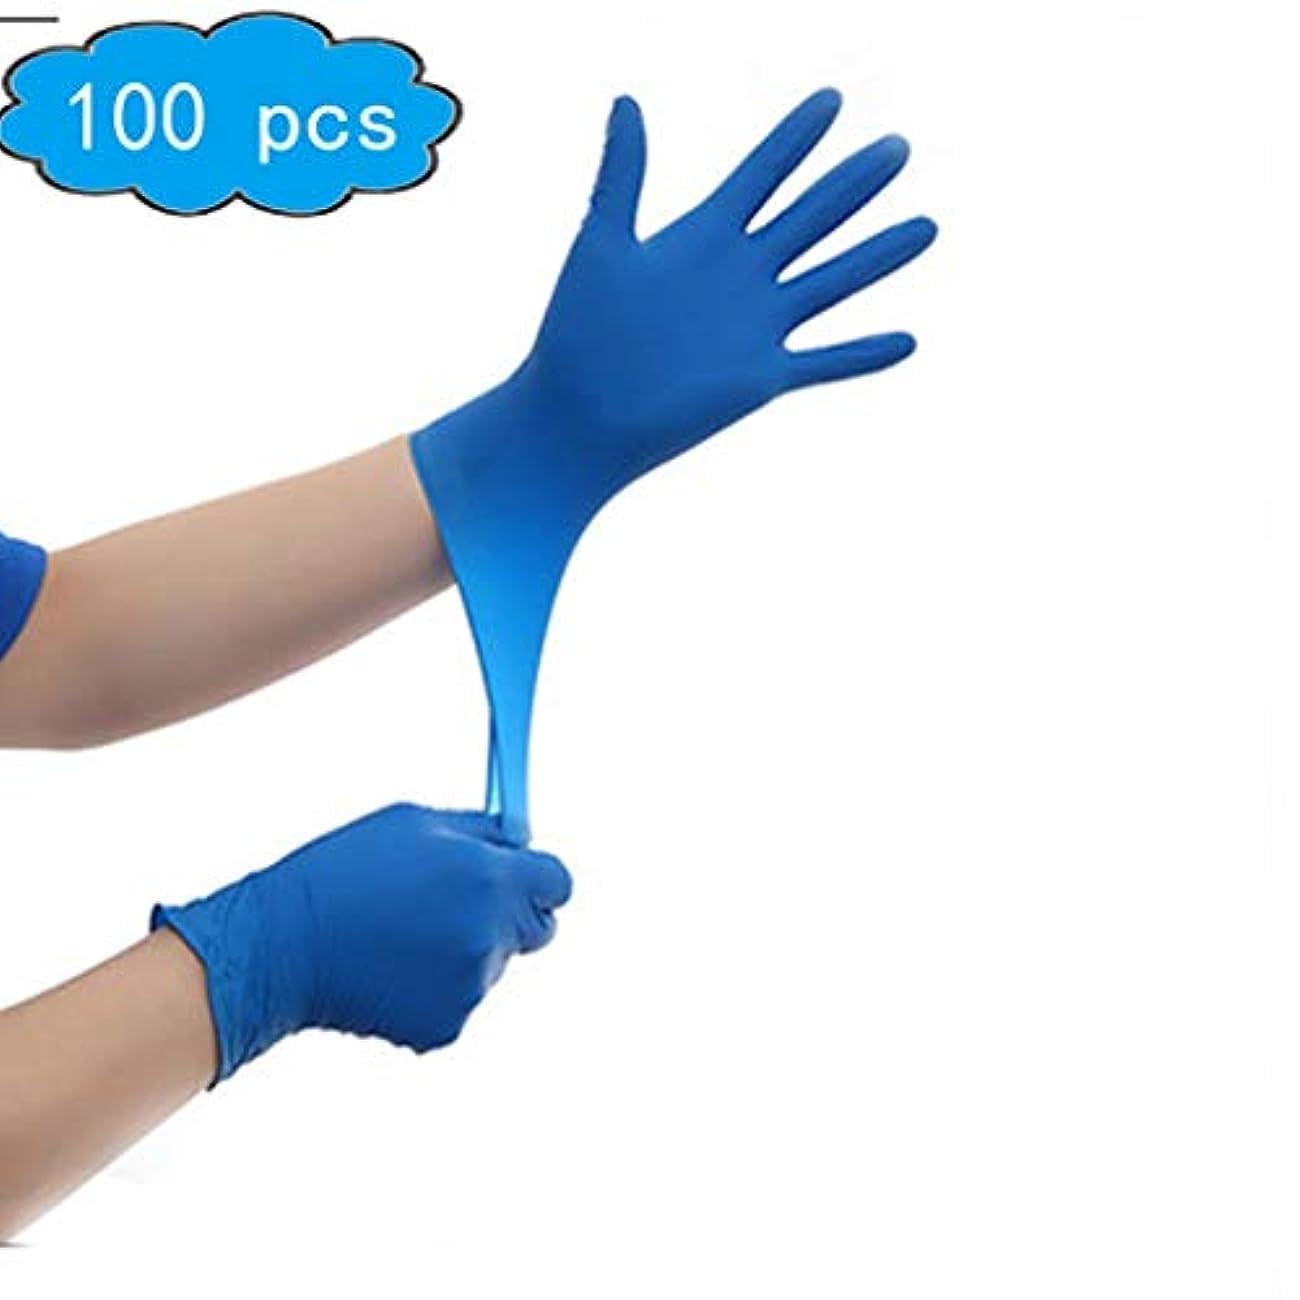 お気に入り軽食枯れる使い捨て丁清手袋 - テクスチャード加工、サニタリー手袋、応急処置用品、大型、100箱入り、食品ケータリング家事使い捨て手袋 (Color : Blue, Size : XS)